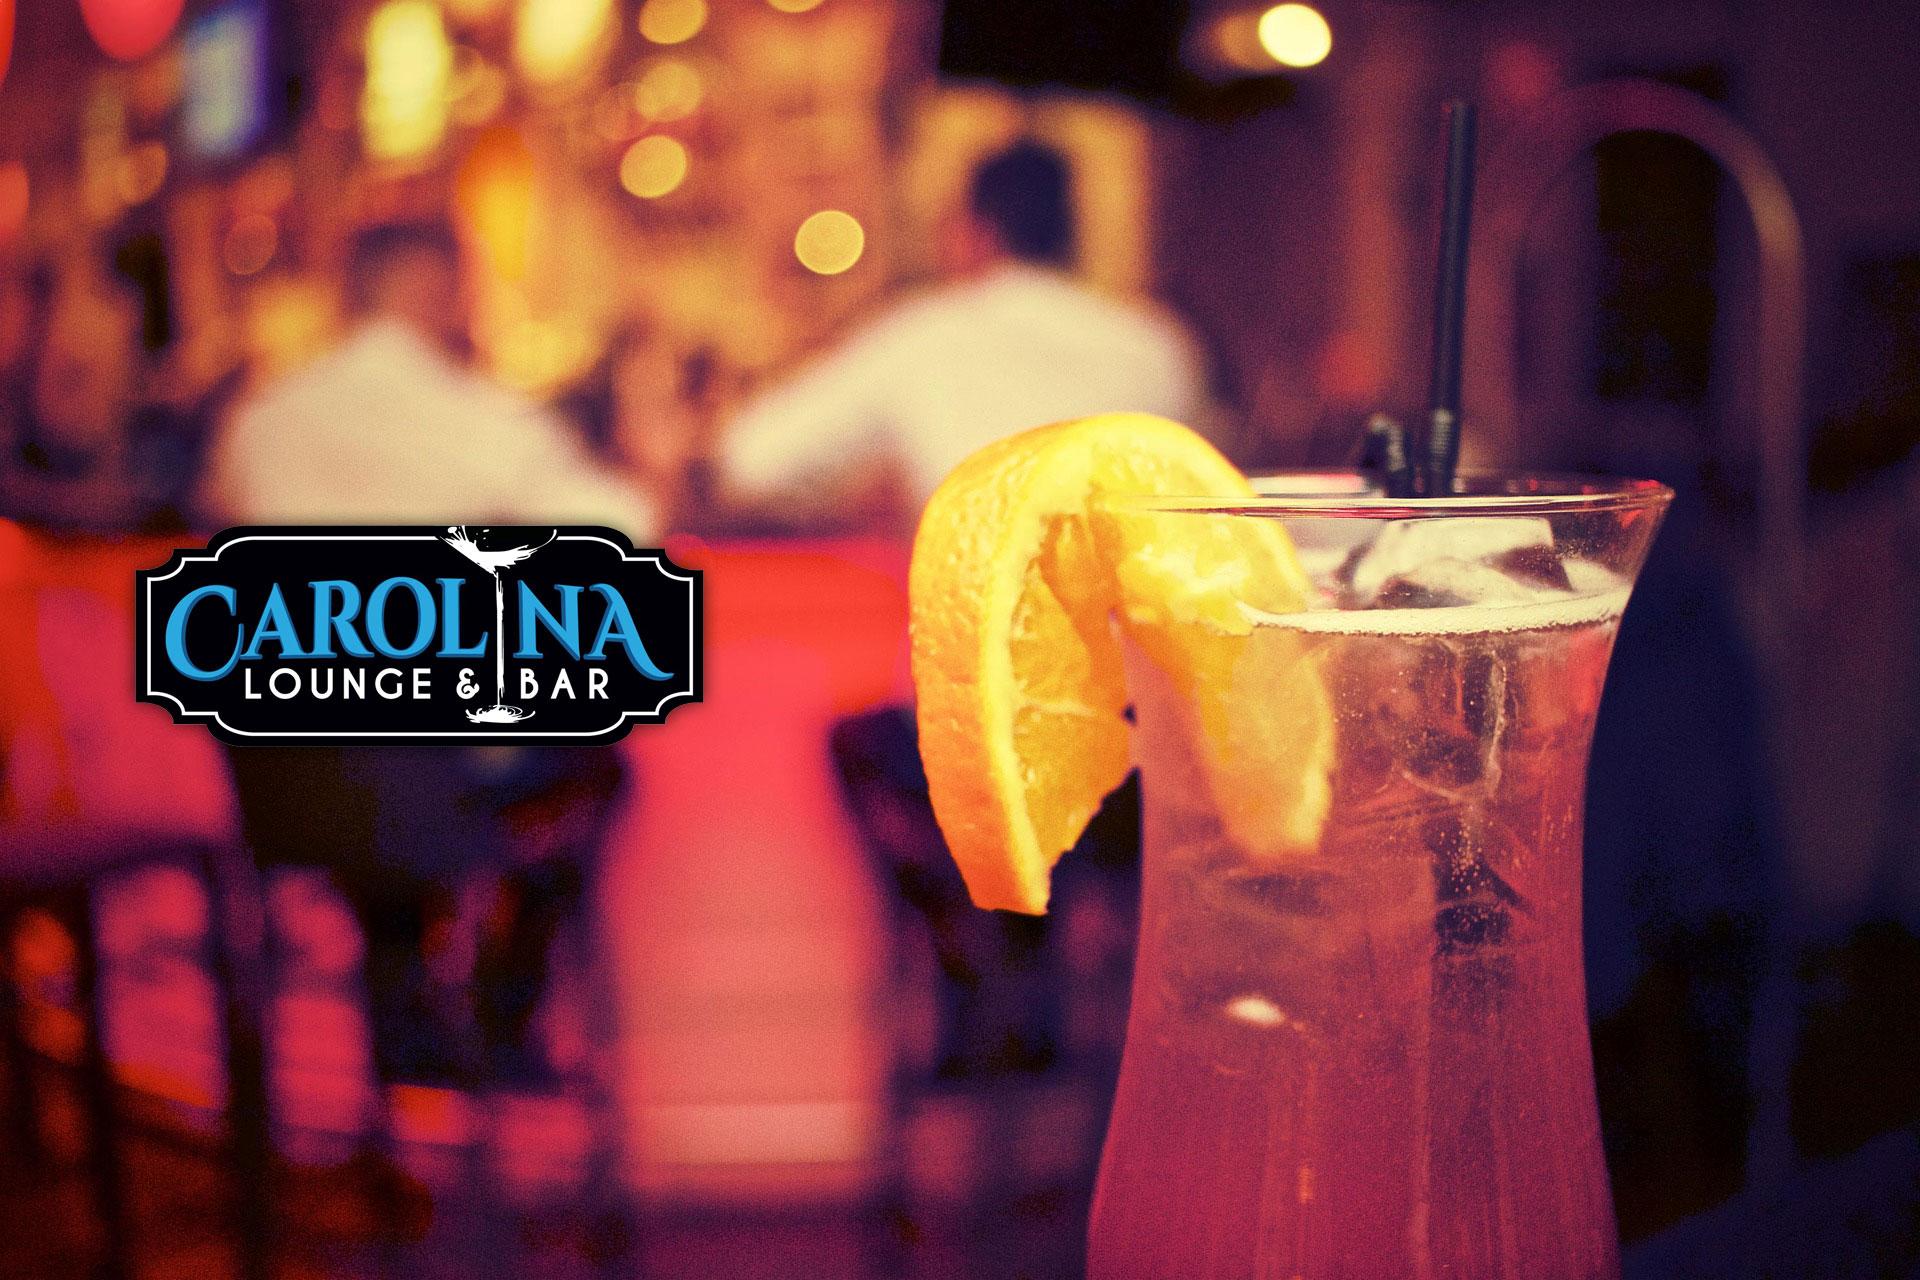 Carolina Lounge & Bar